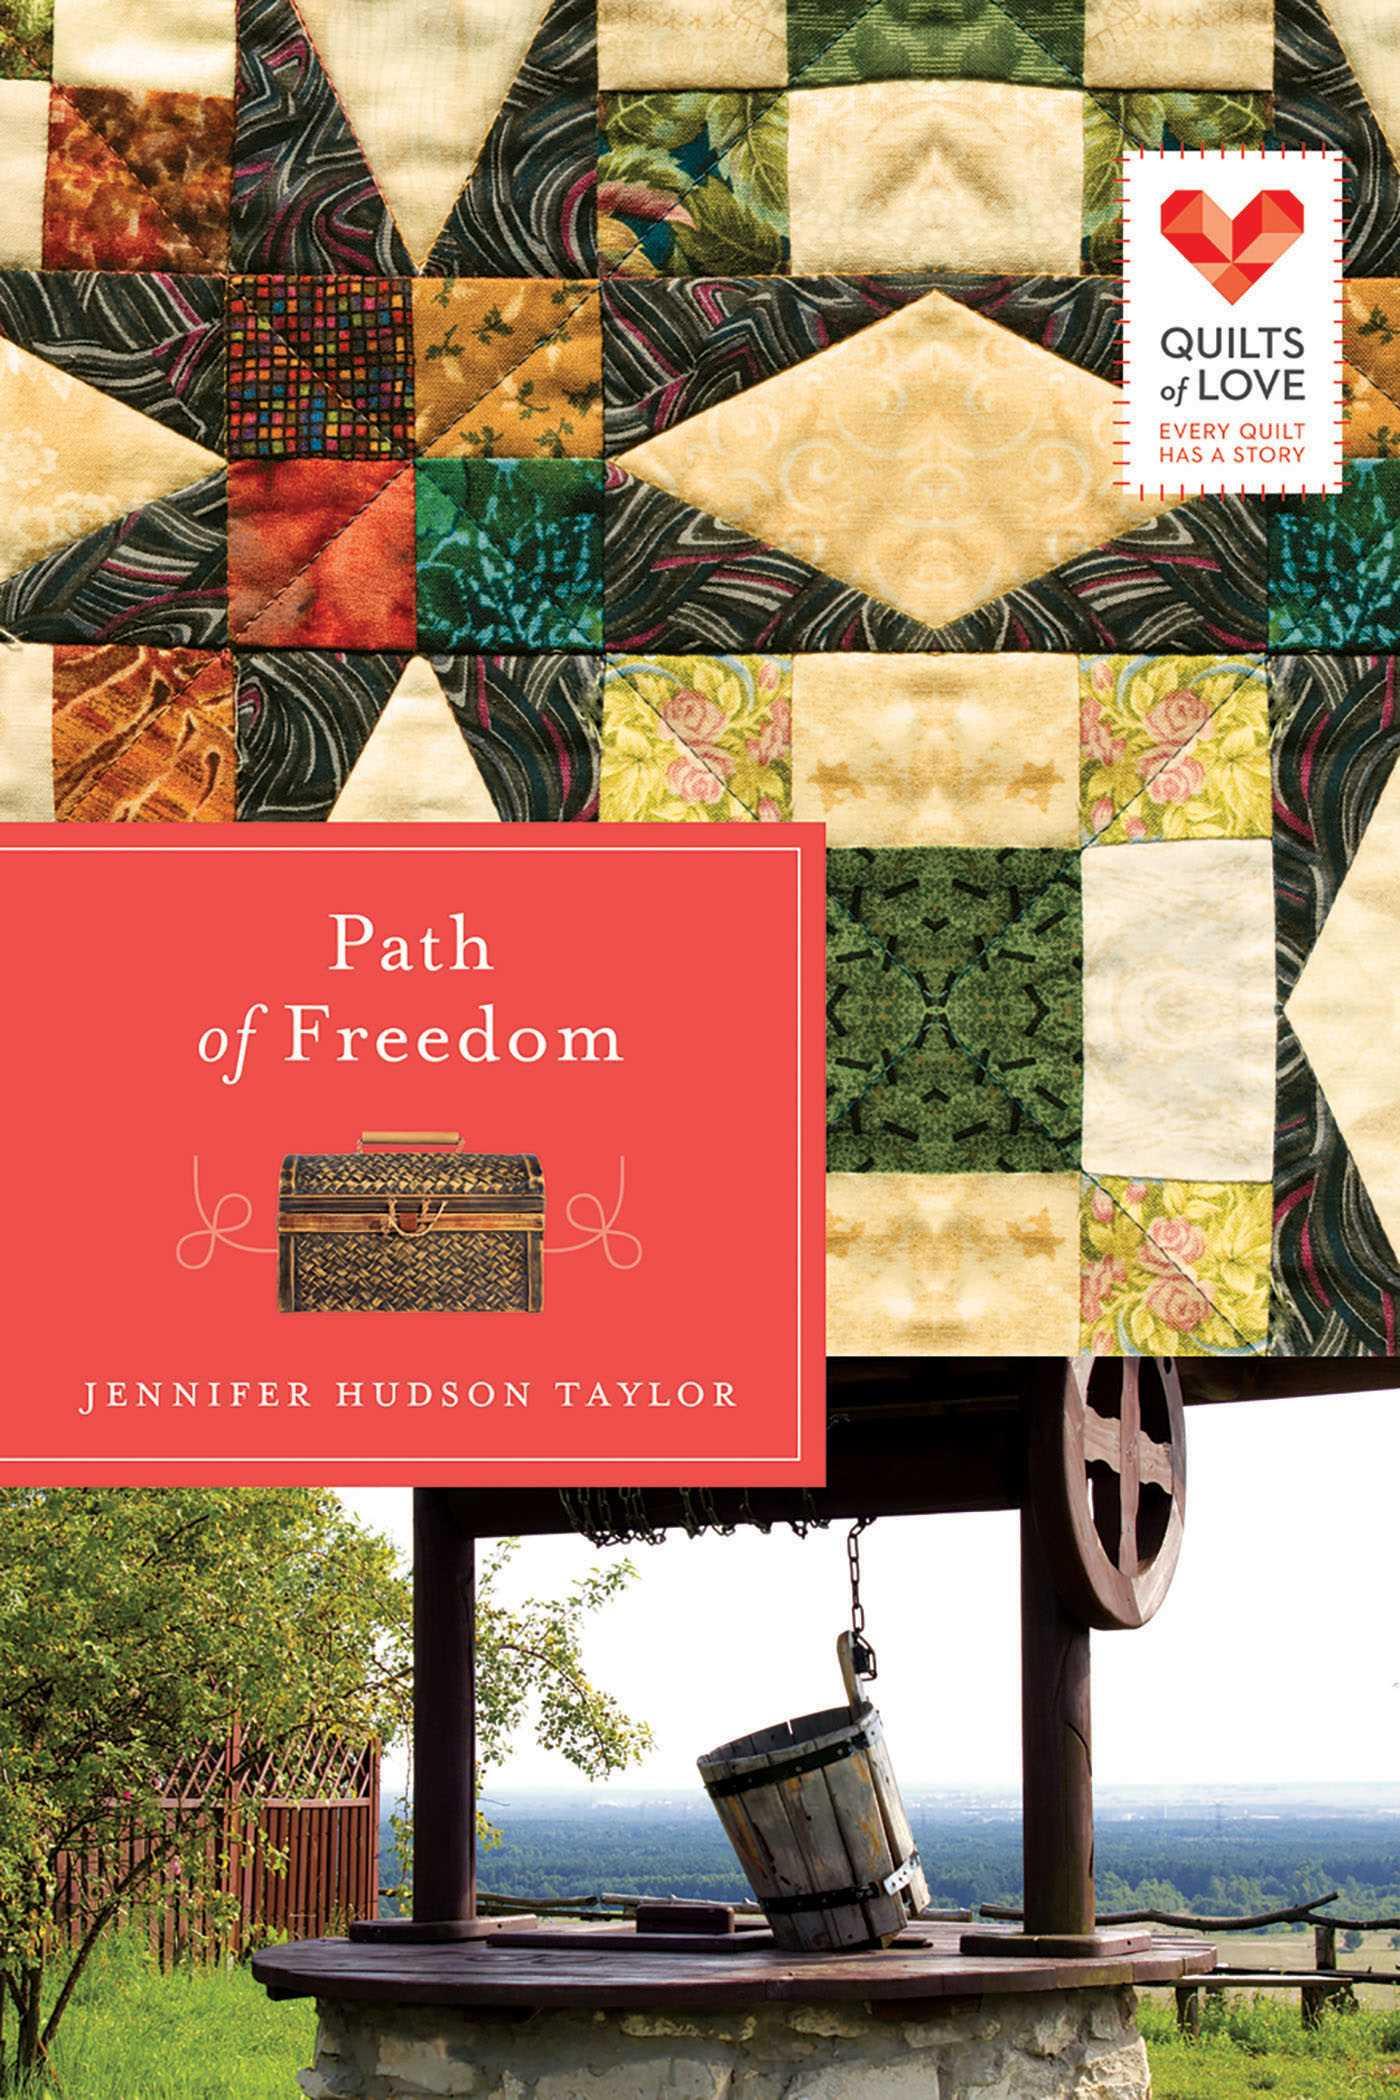 Path of freedom 9781682998298 hr